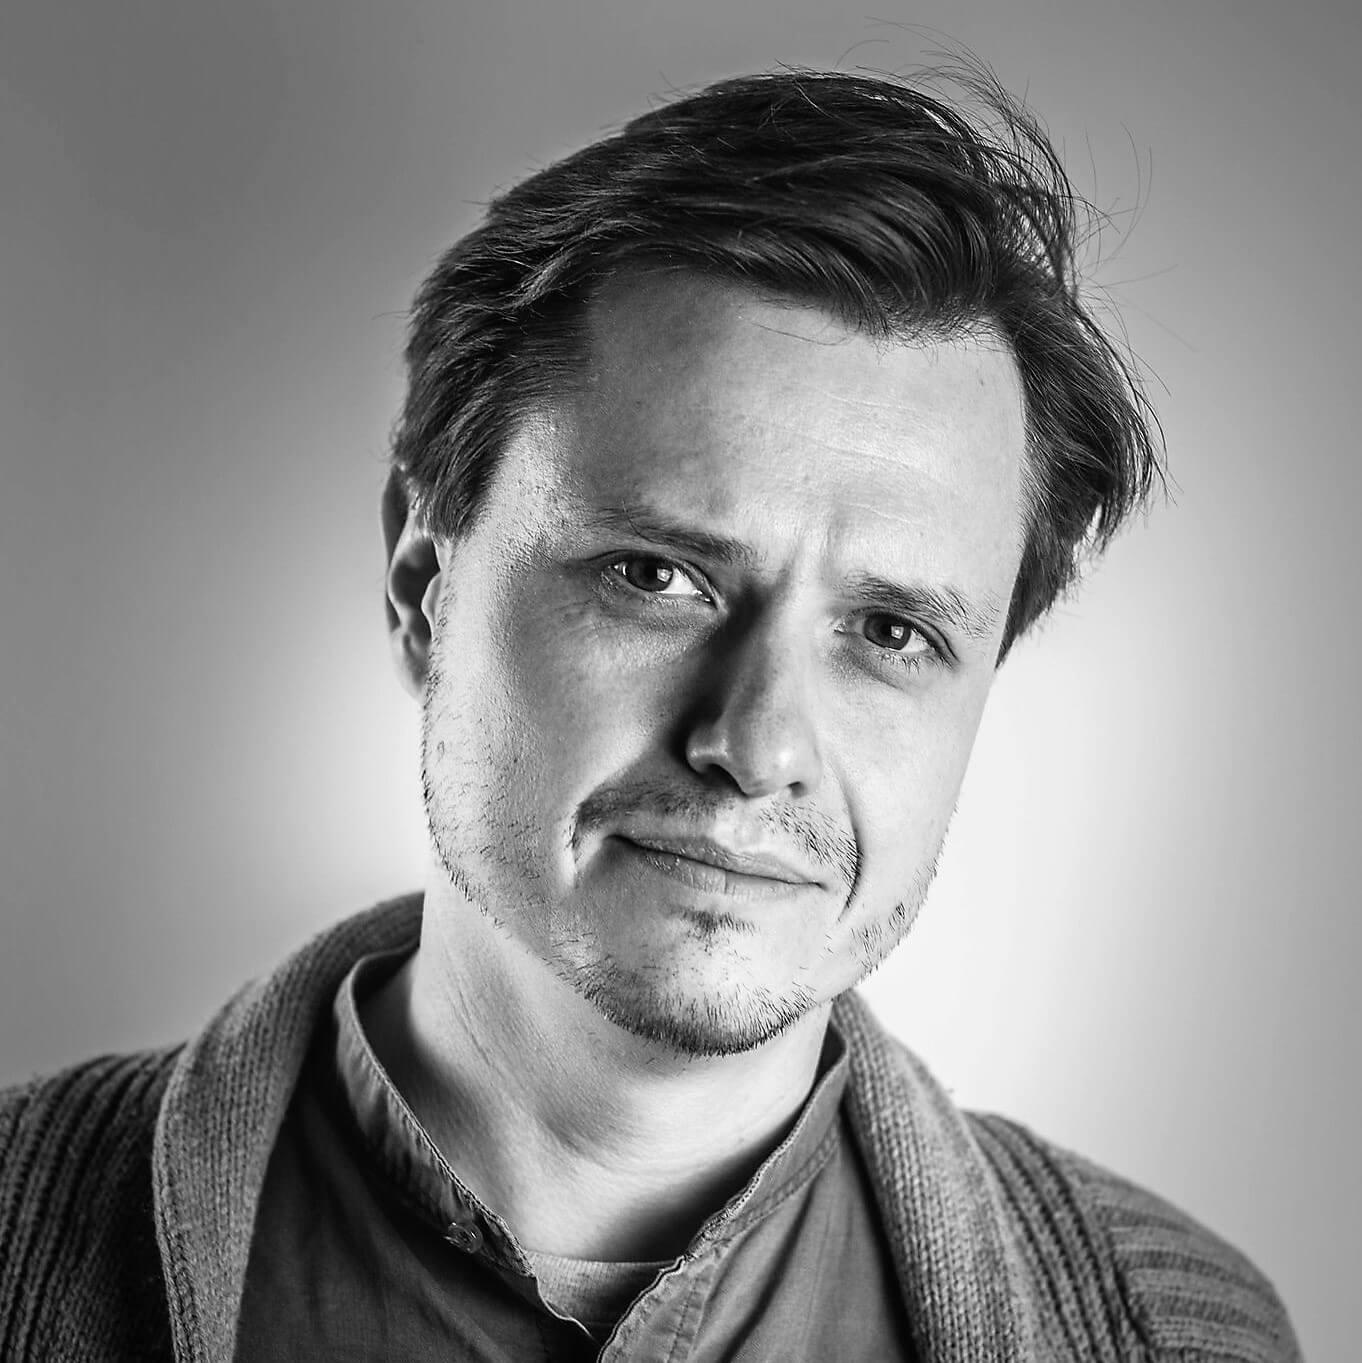 Kierownik Działu Promocji Turystycznej PLOT. Zajmuje się działaniami obejmującymi współpracę z mediami, branżą turystyczną, promocję internetową oraz organizację podróży studyjnych. Koordynator akcji Poznań za pół ceny i Dni Twierdzy Poznań.